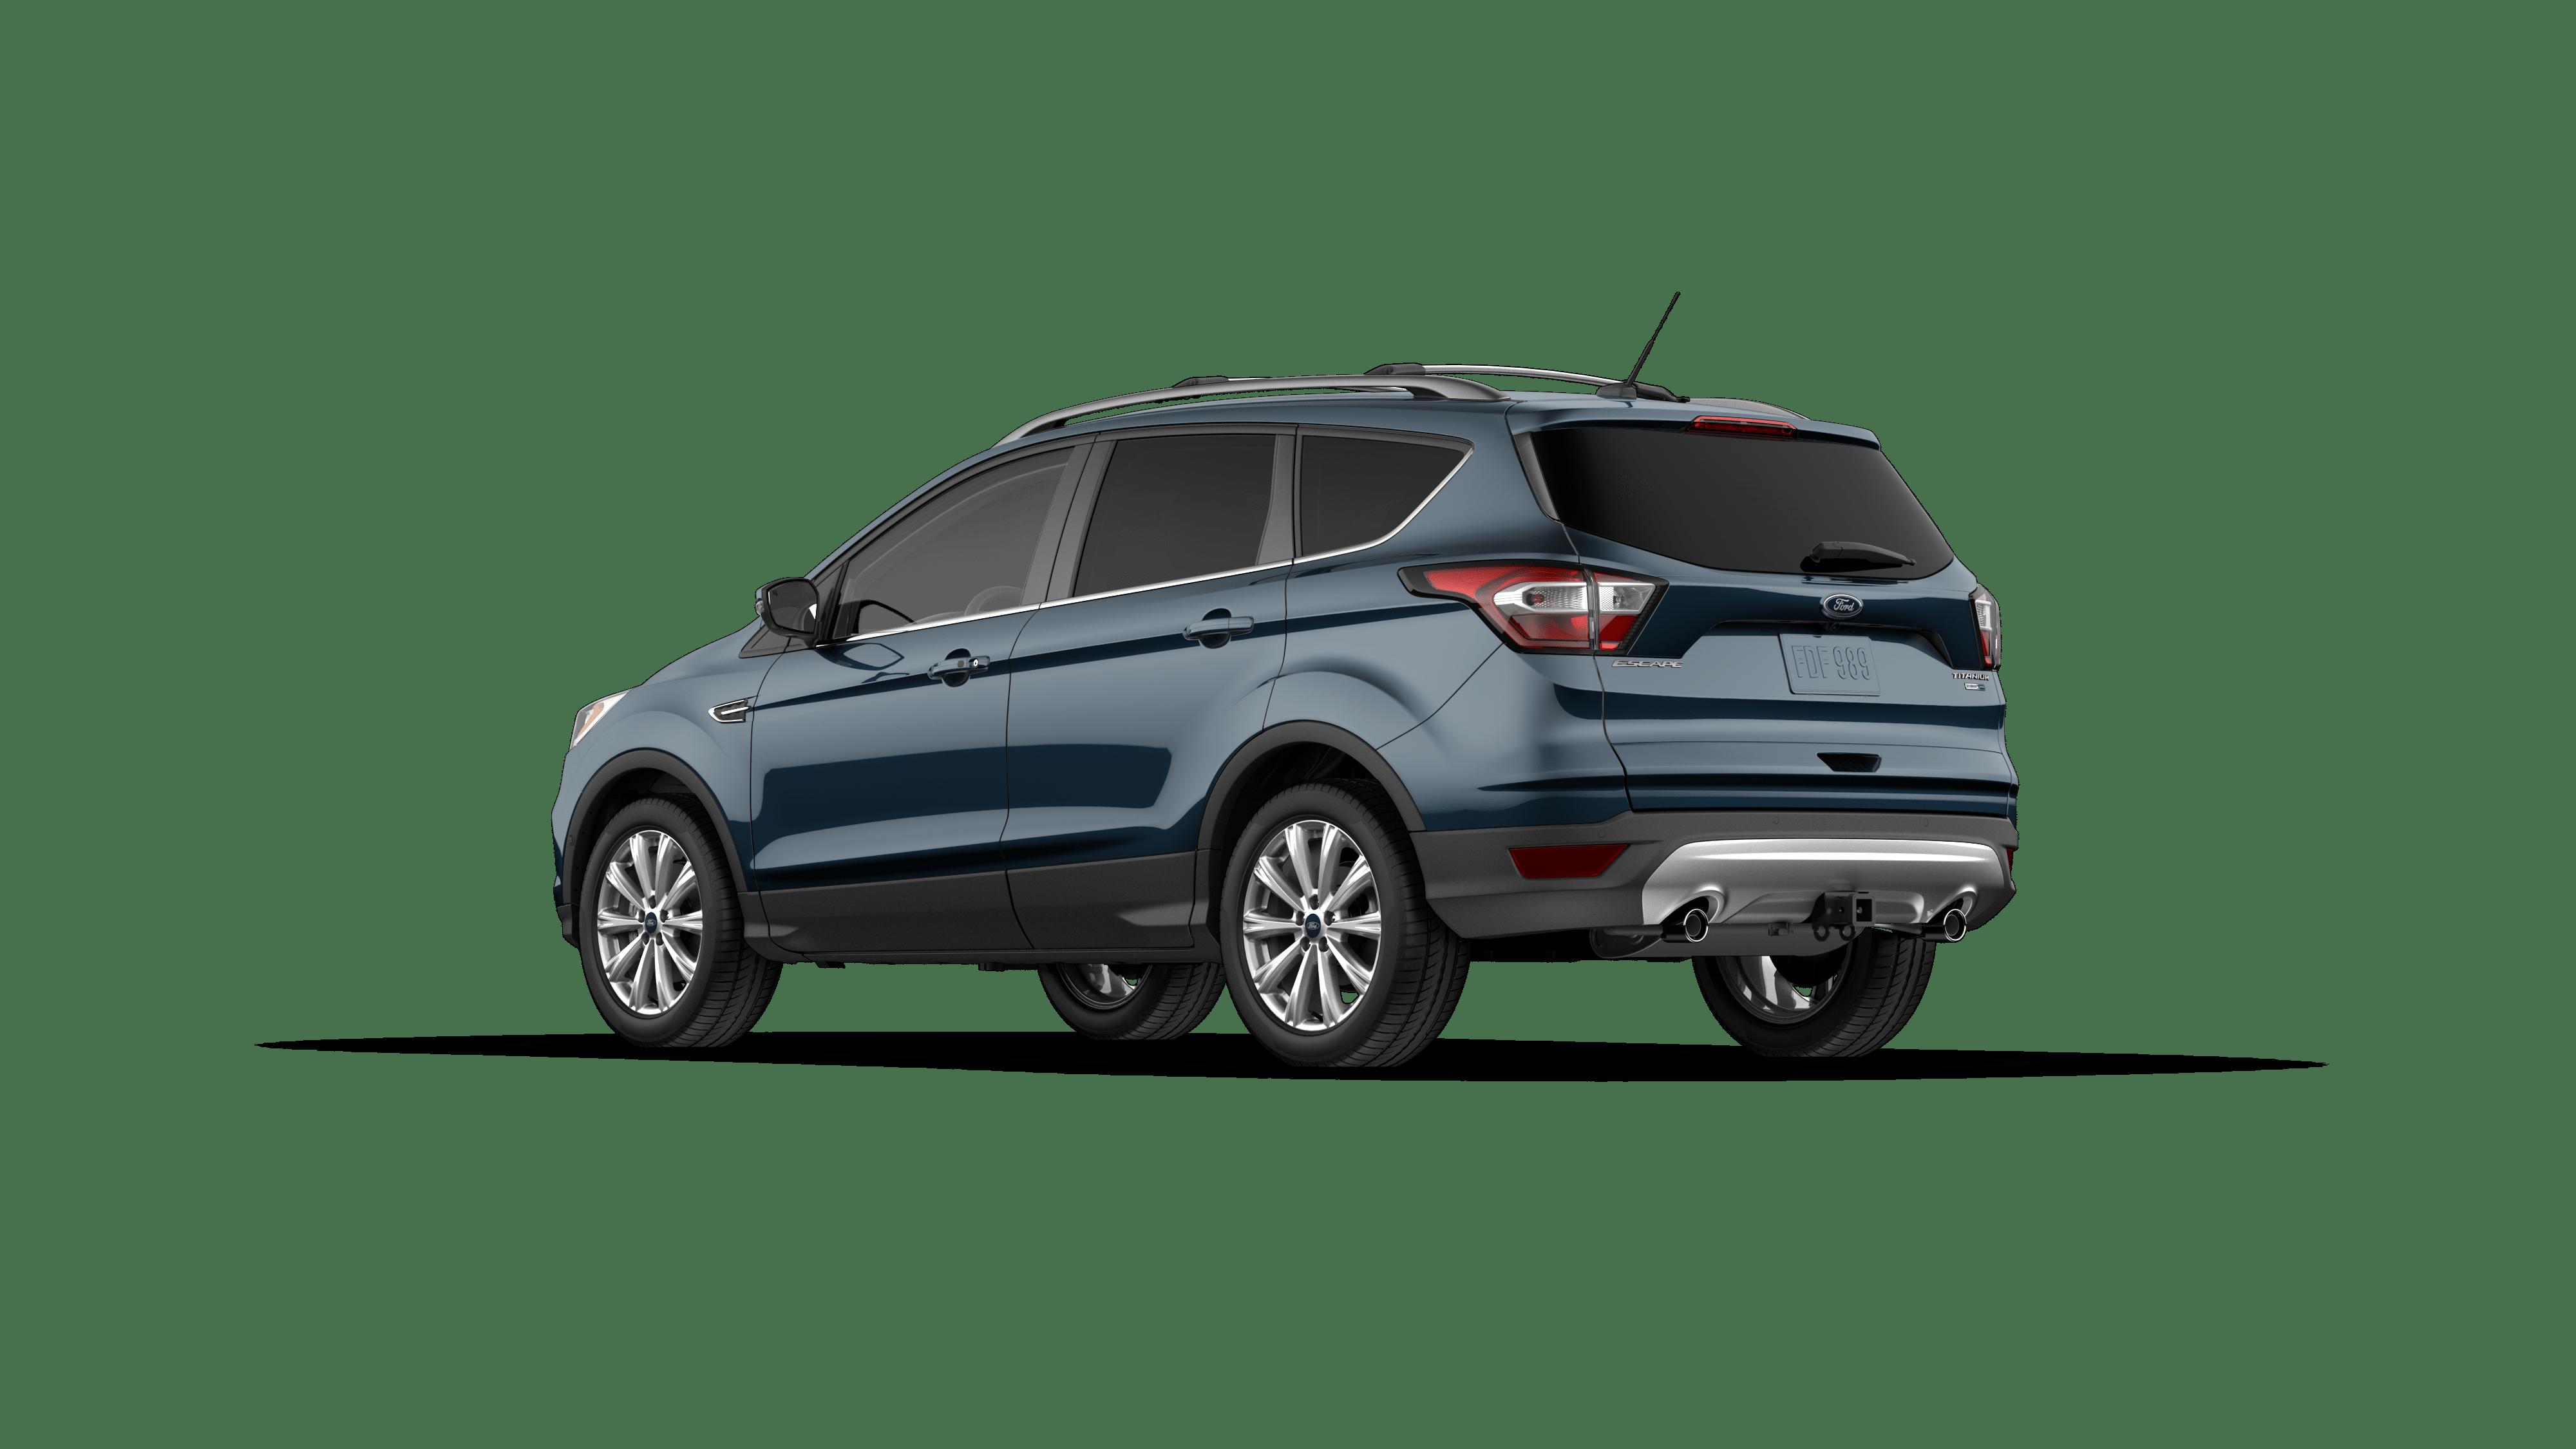 Ciocca Ford Quakertown >> New 2018 Ford Escape Titanium 4WD For Sale in Quakertown, PA   JUB94667